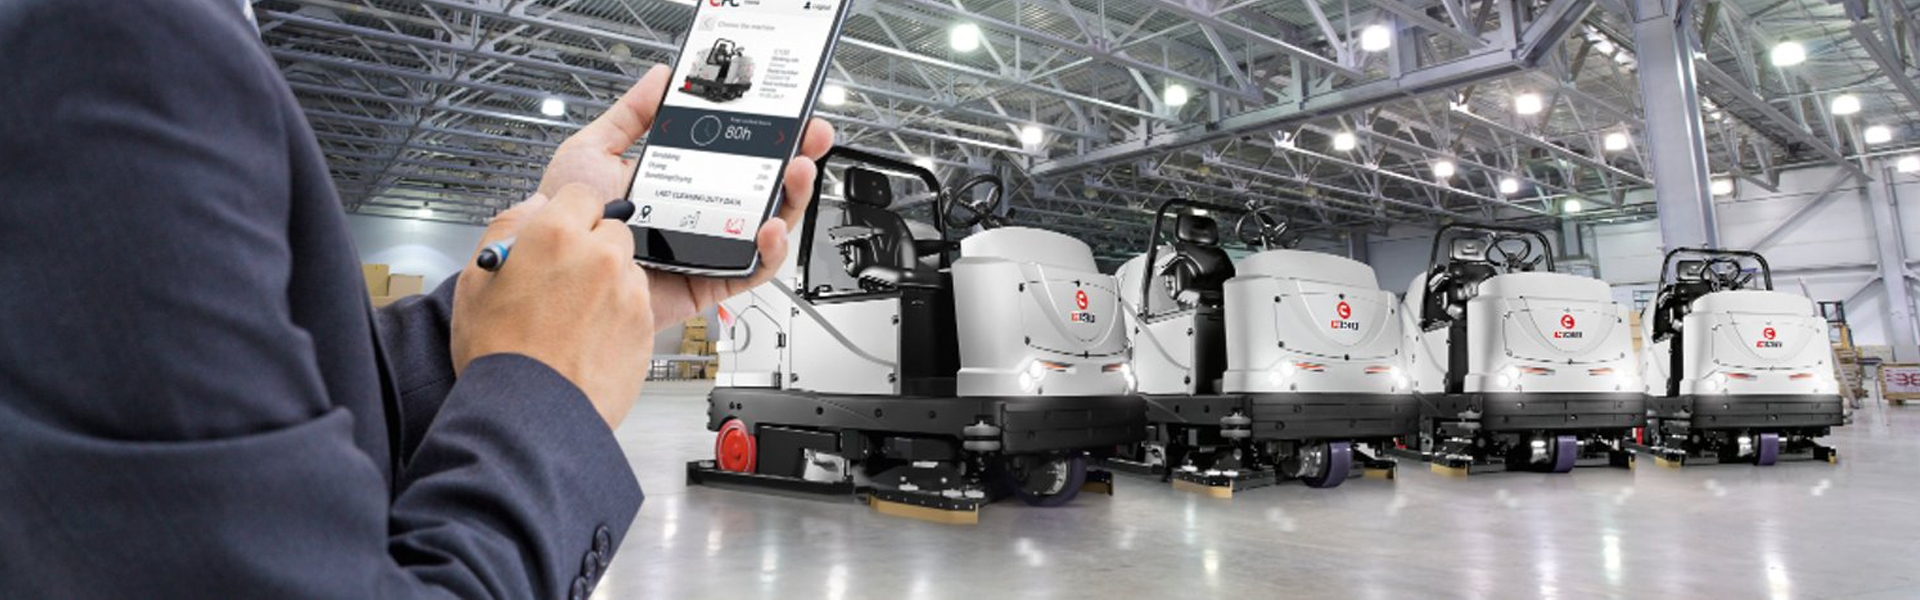 Comac駕駛式自動洗地機